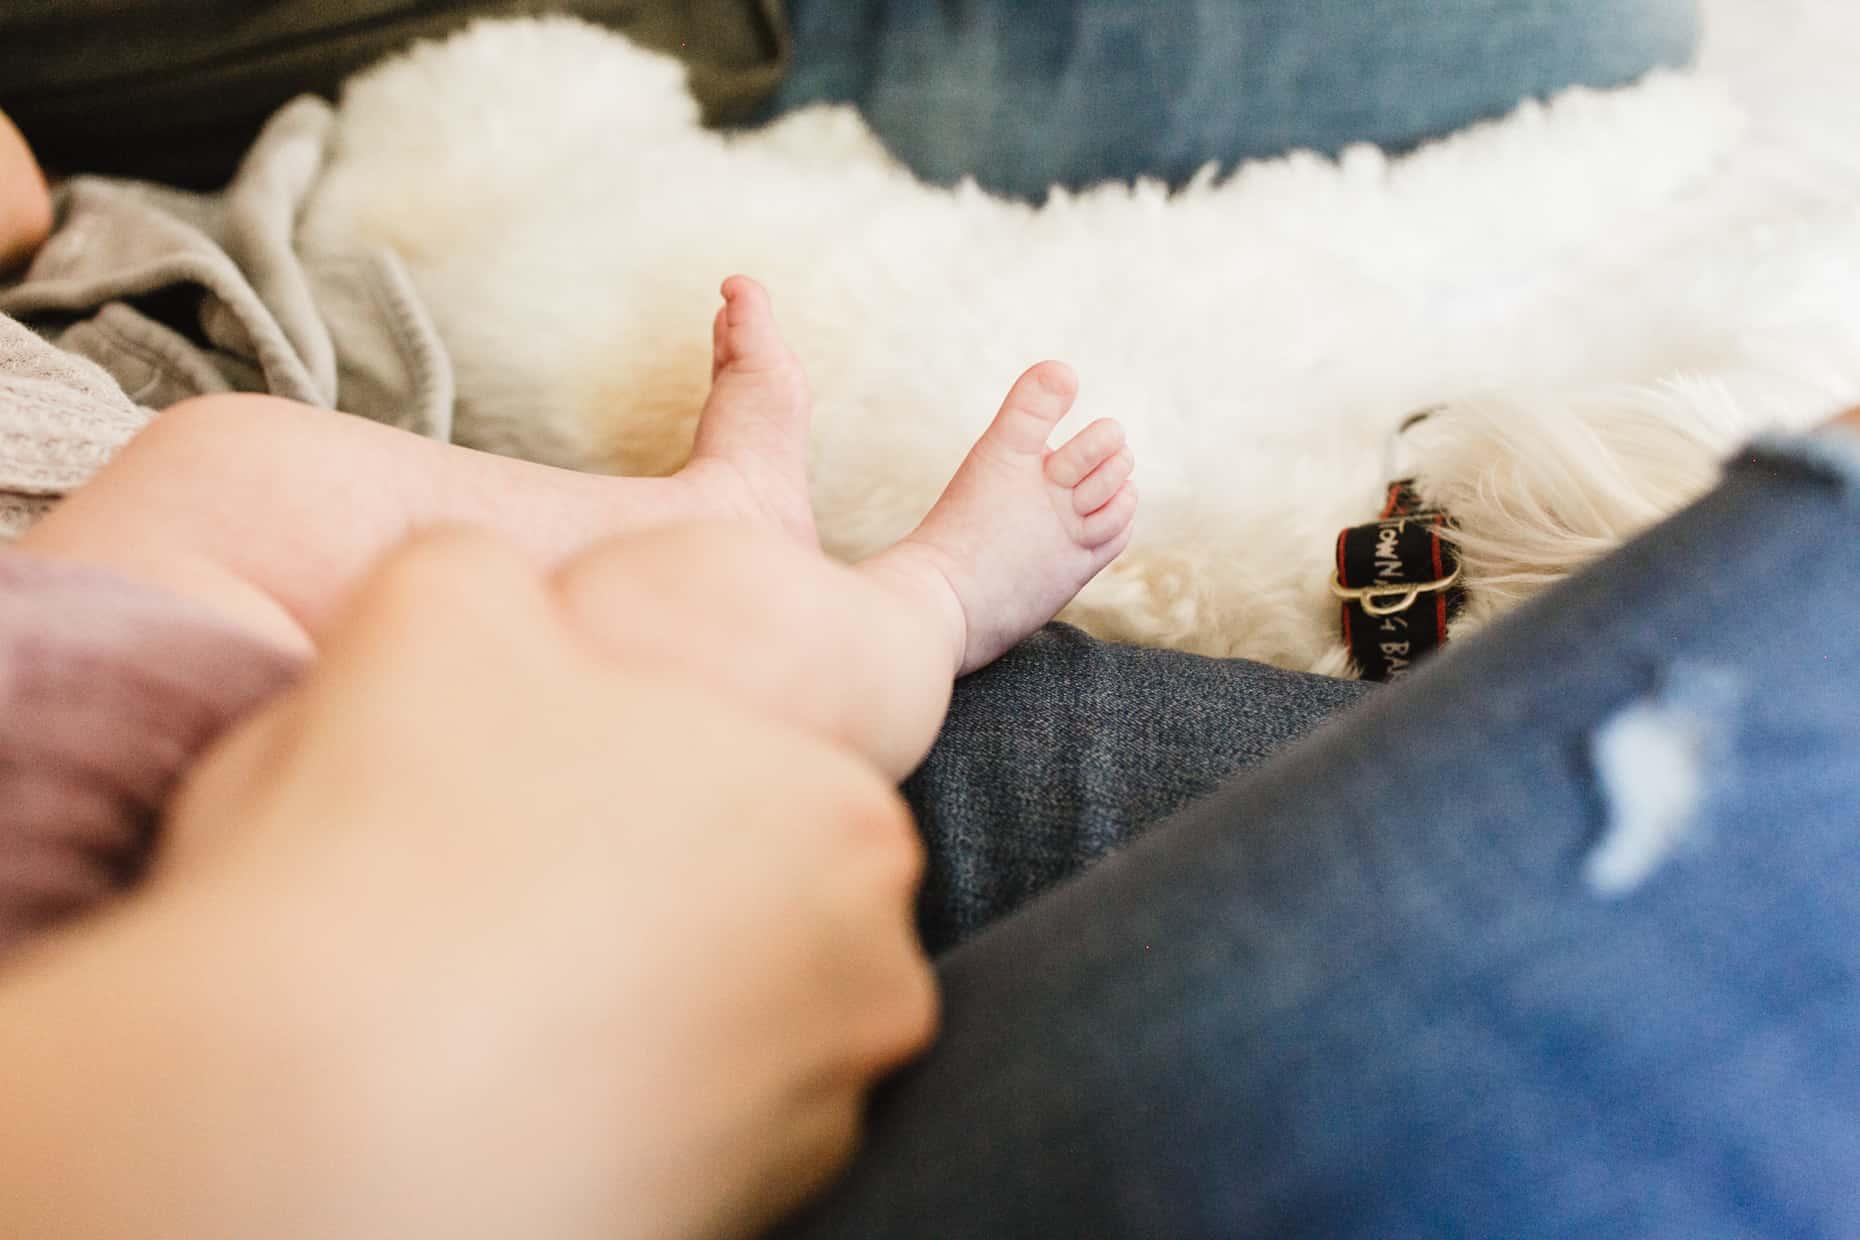 Philadelphia Baby Photograph